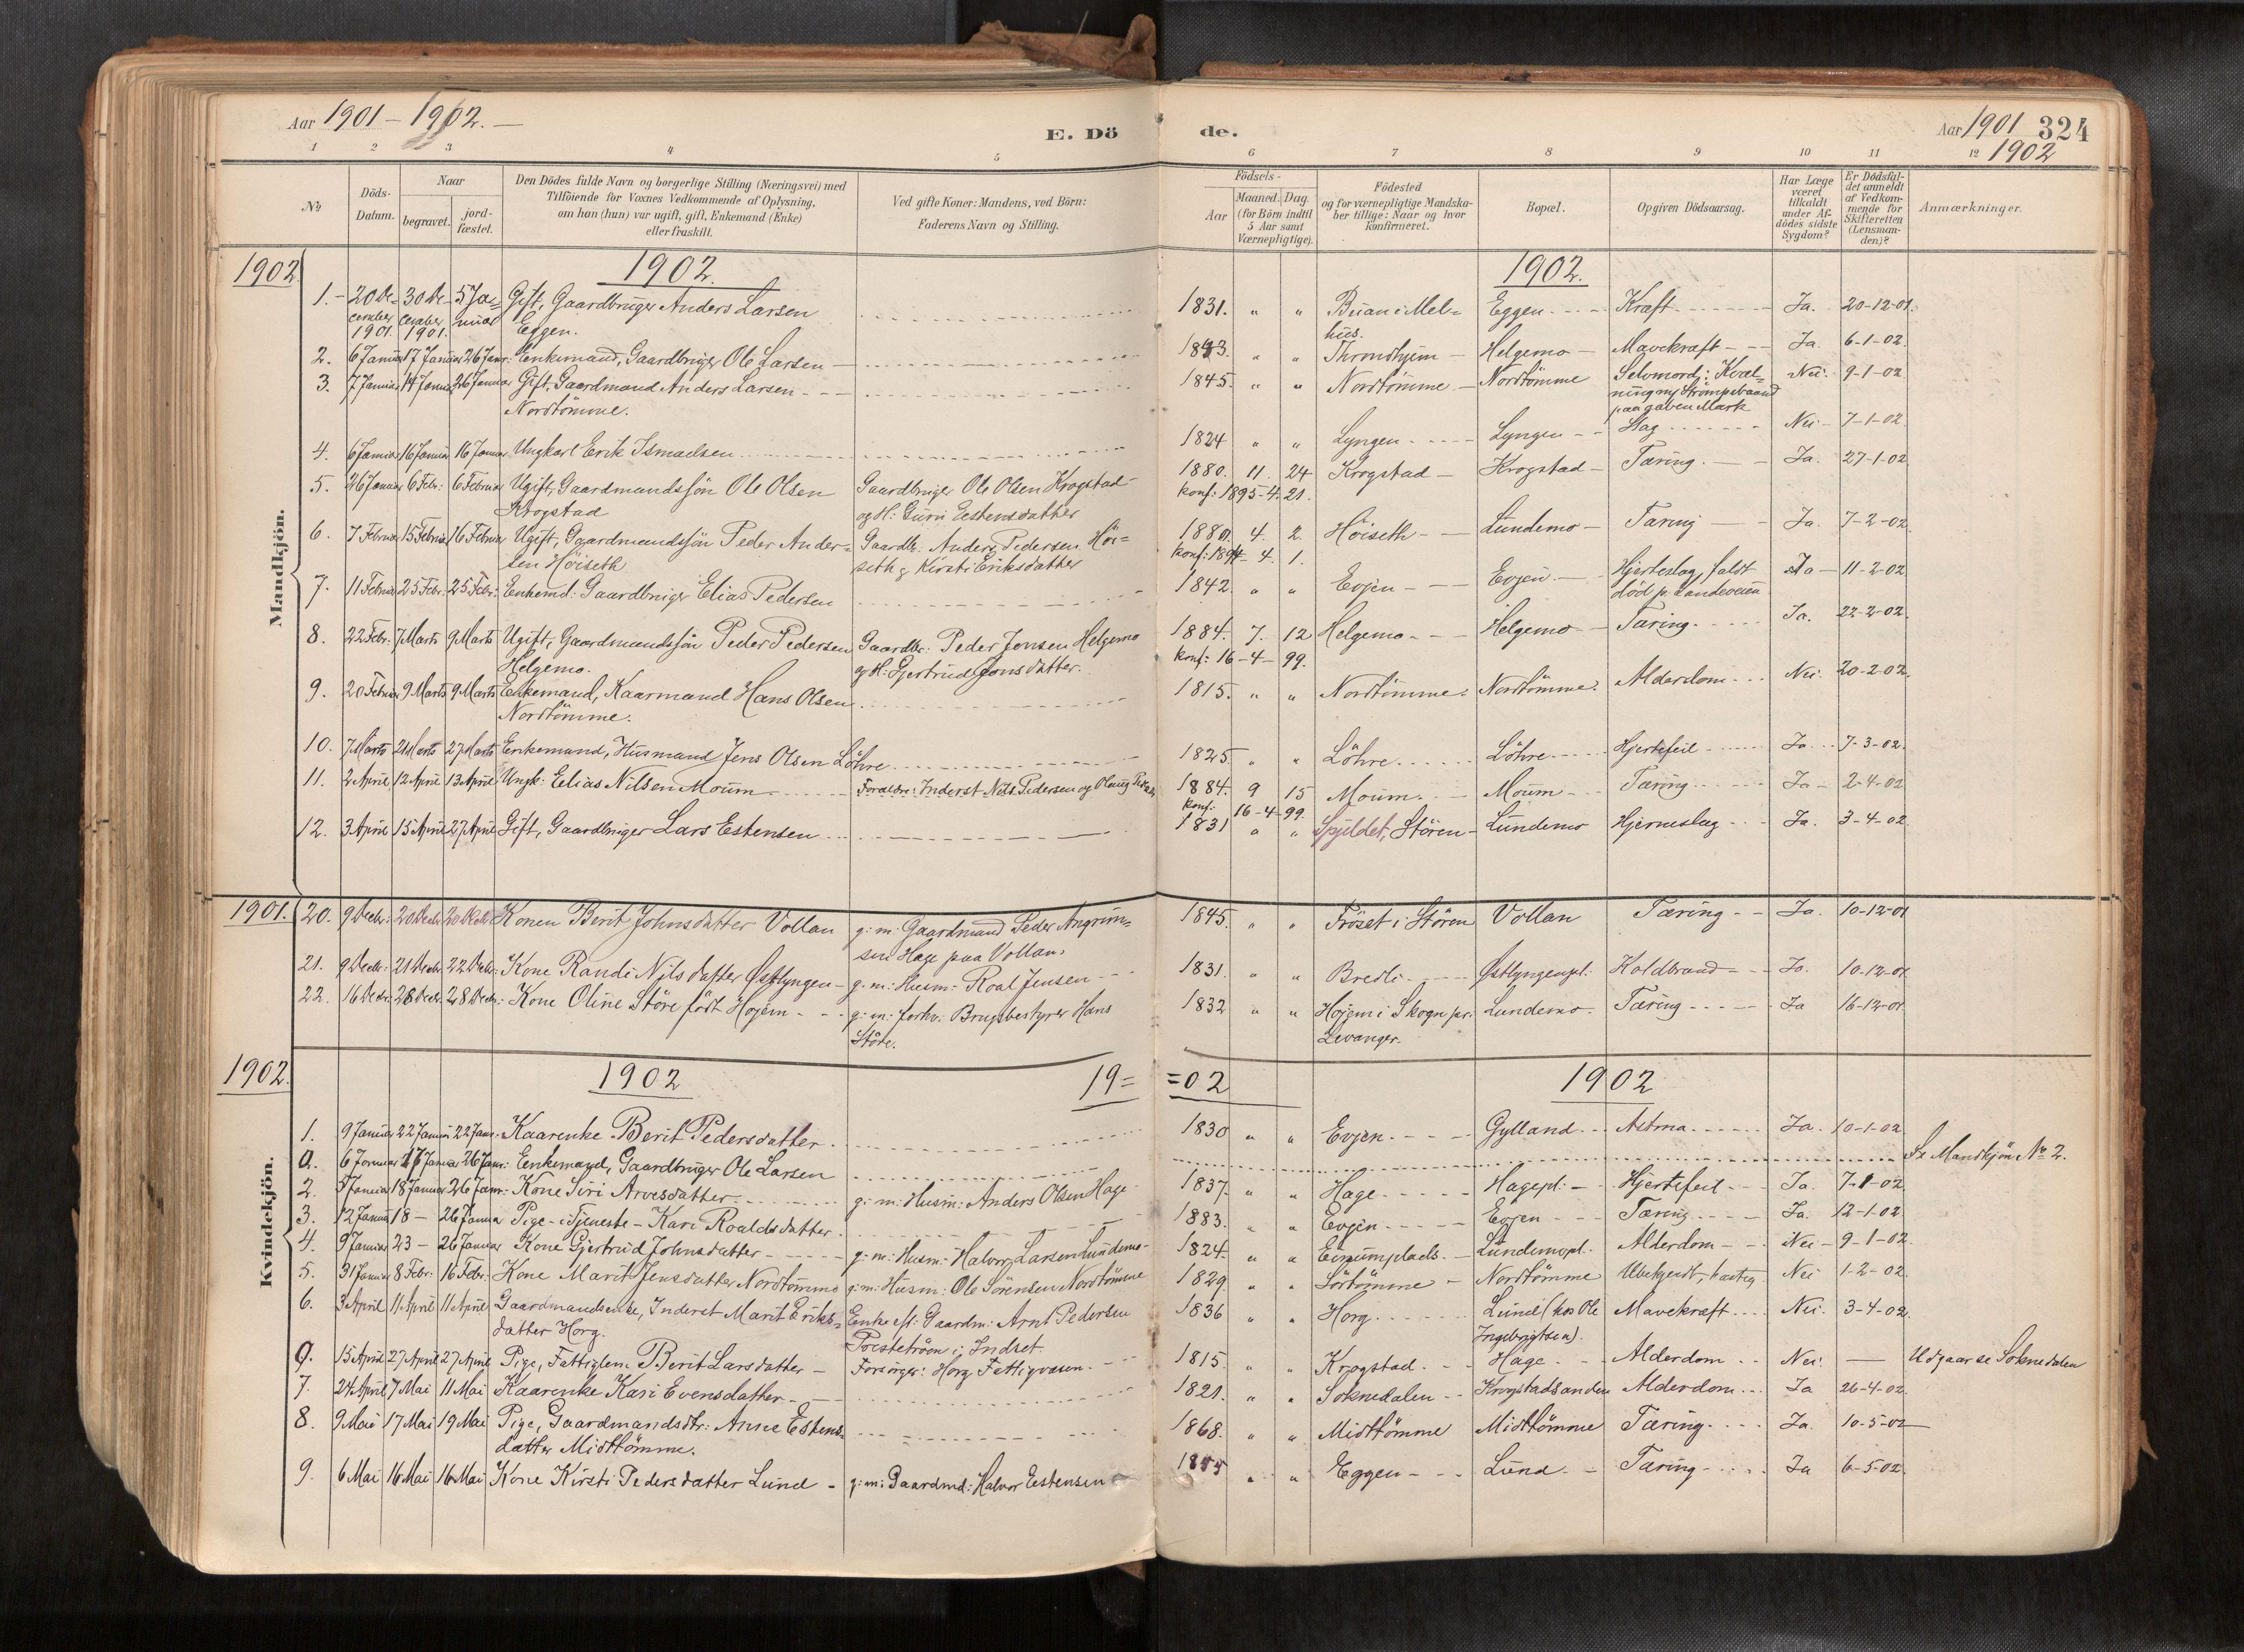 SAT, Ministerialprotokoller, klokkerbøker og fødselsregistre - Sør-Trøndelag, 692/L1105b: Ministerialbok nr. 692A06, 1891-1934, s. 324